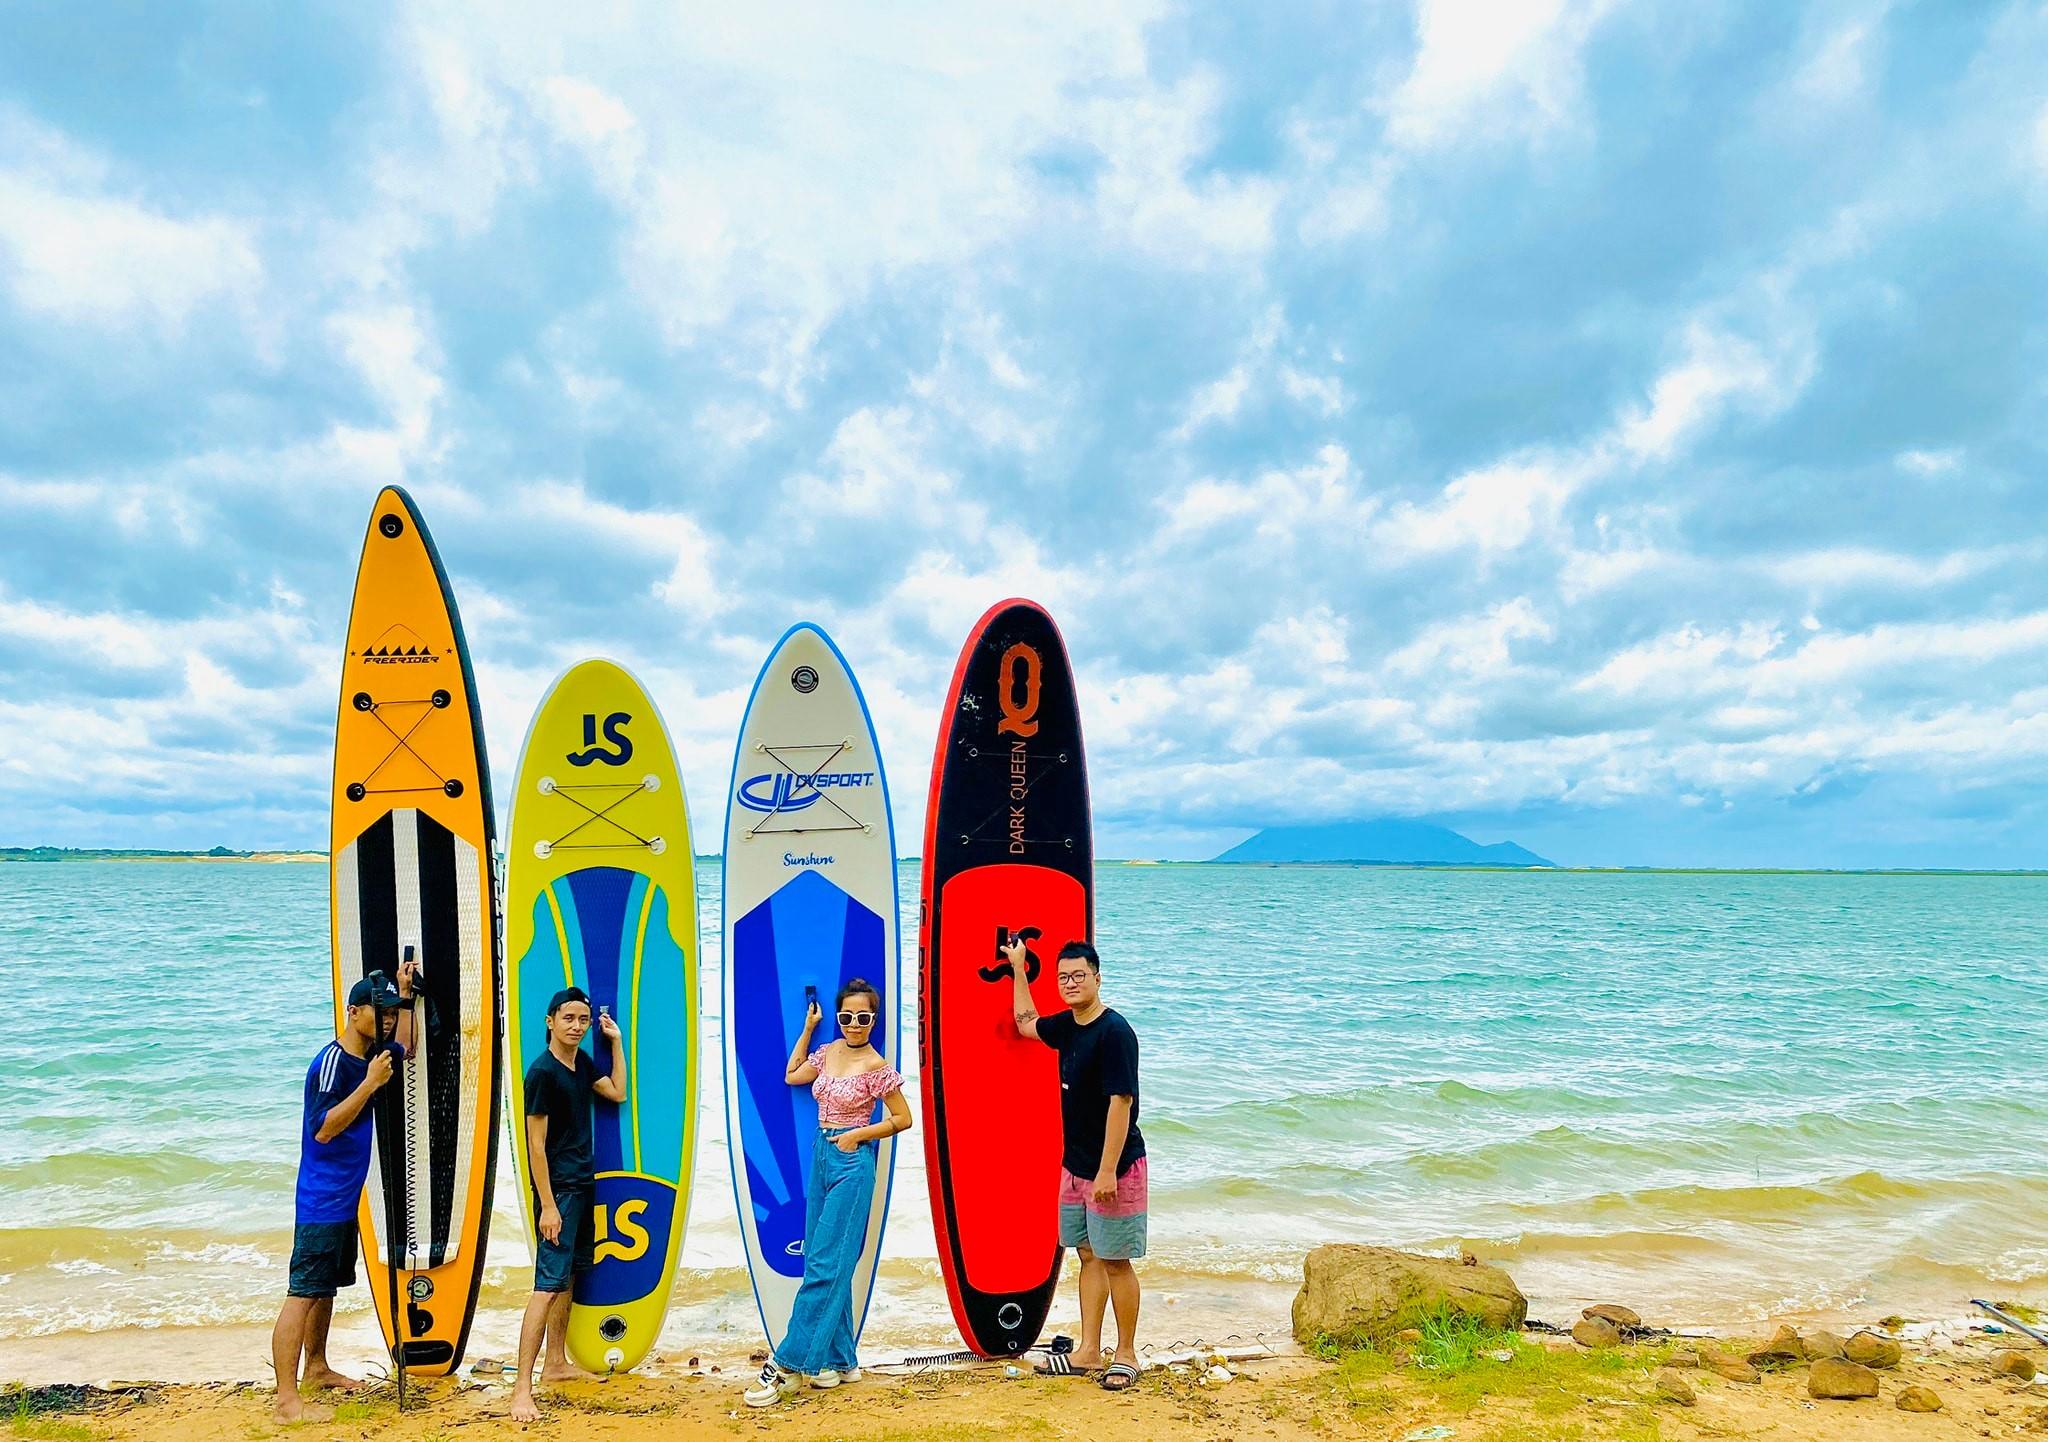 Đến hồ Dầu Tiếng, chiêm ngưỡng cảnh đẹp hút hồn tại địa điểm cắm trại hot nhất Tây Ninh  - Ảnh 12.